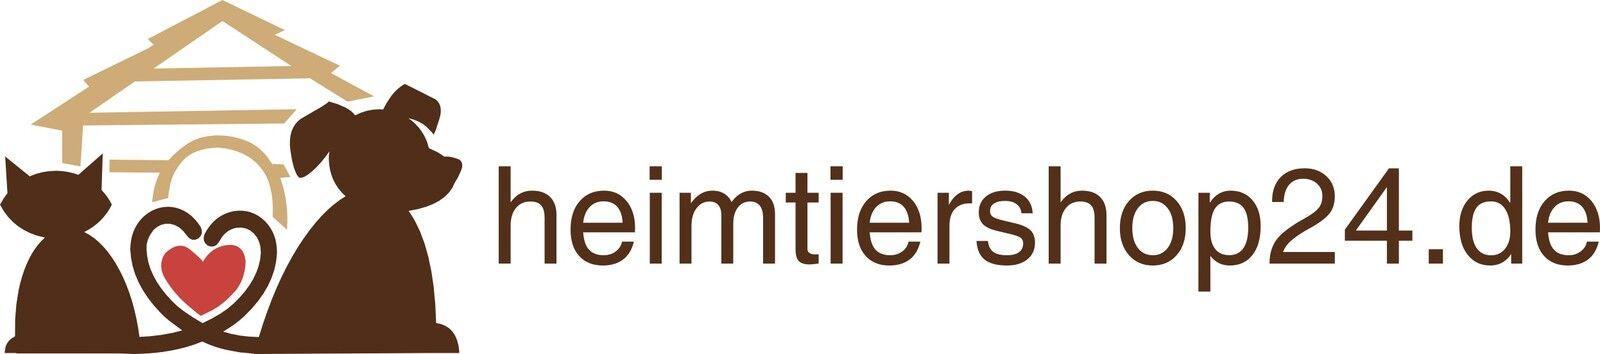 Heimtiershop24.de